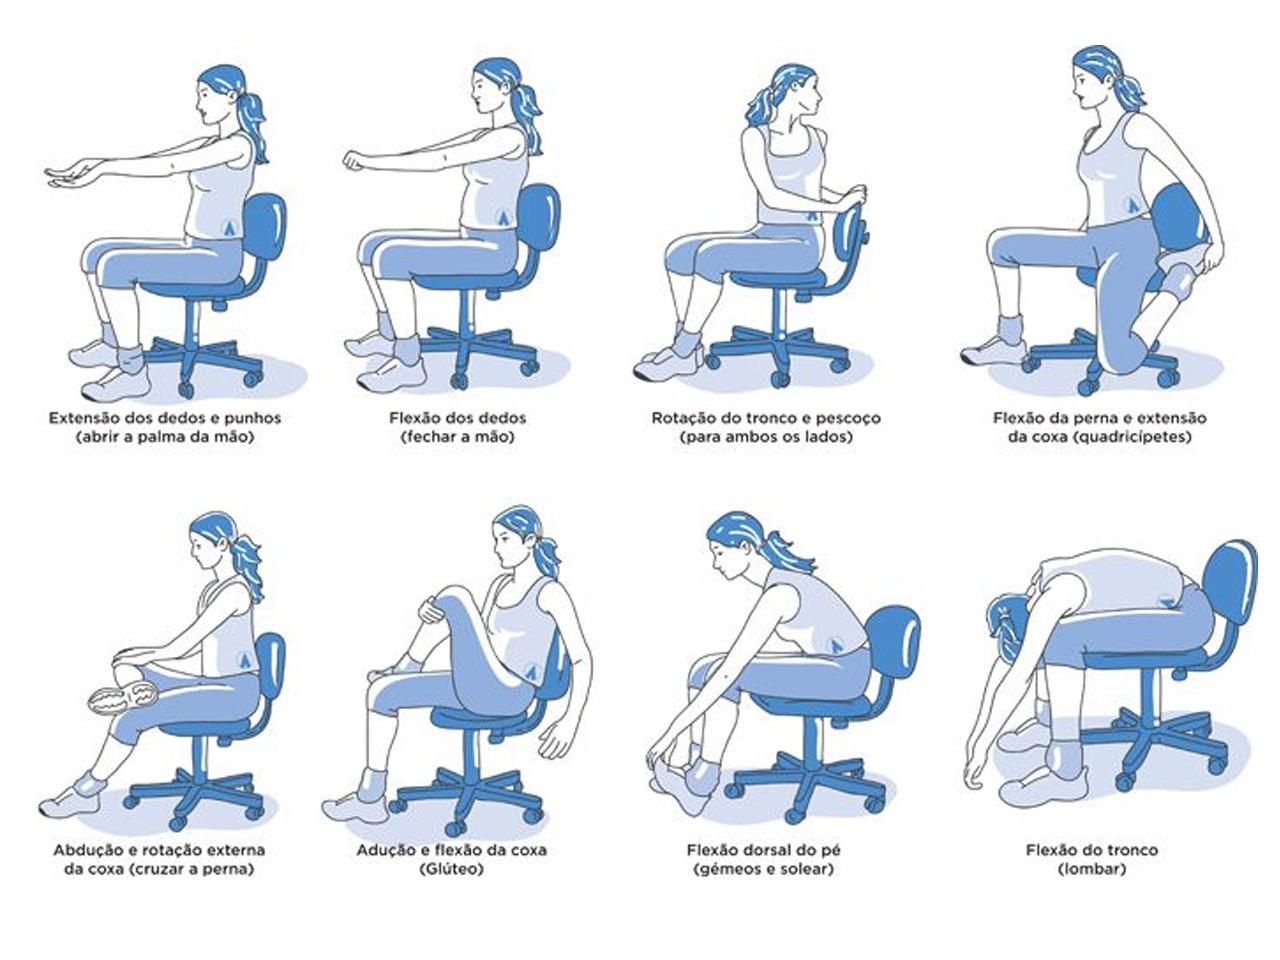 5 excelentes ejemplos de ergonom a en el trabajo for Ejemplos de muebles ergonomicos